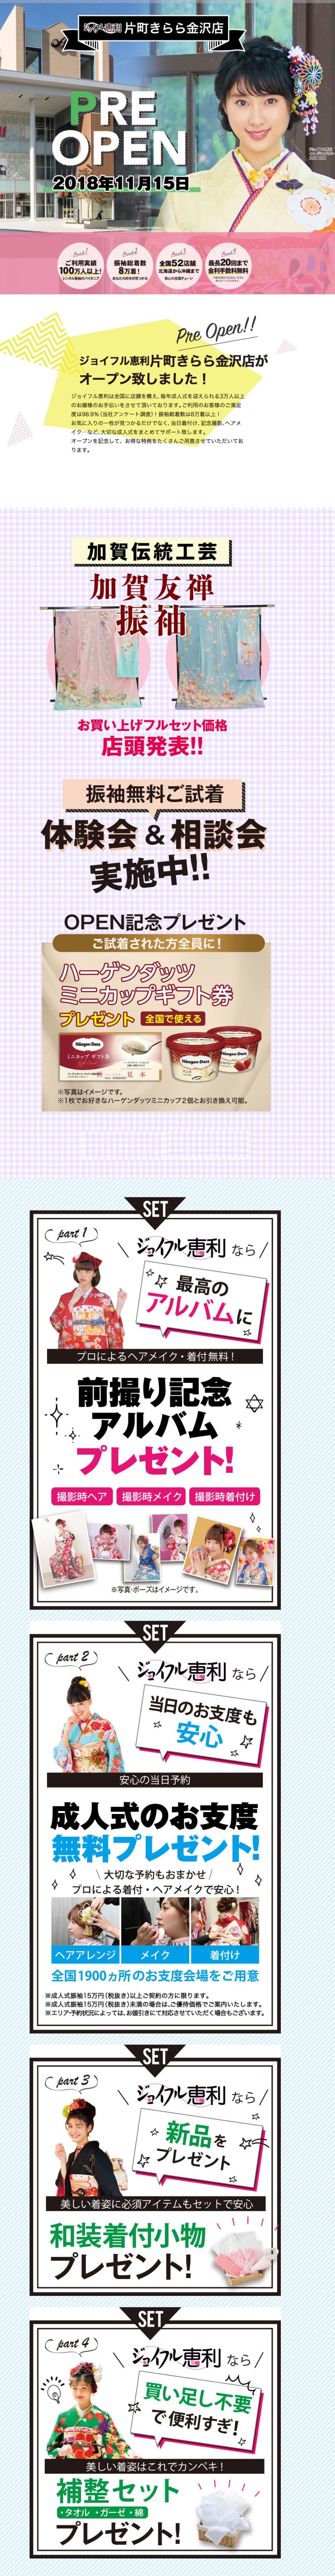 Screenshot_2018-11-08-ジョイフル恵利-片町きらら金沢店